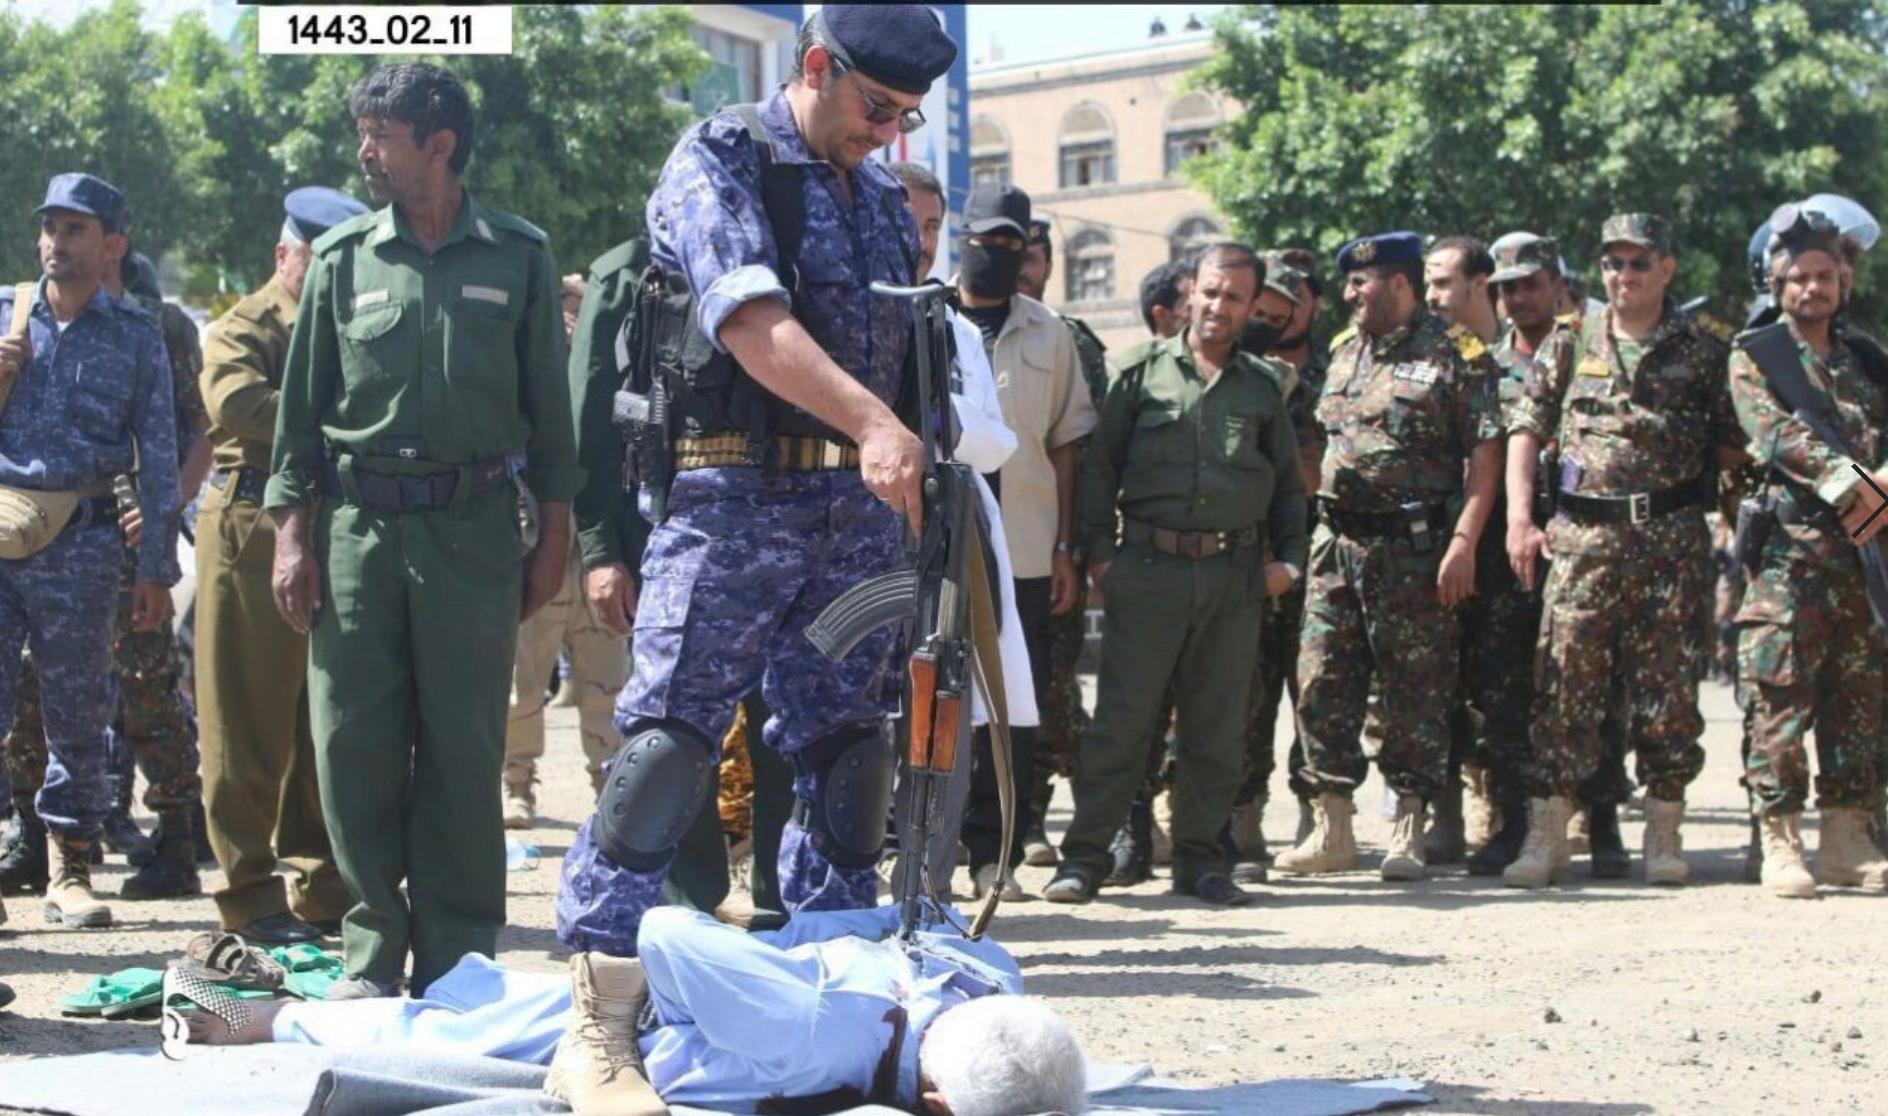 من إعدامات اليوم السبت